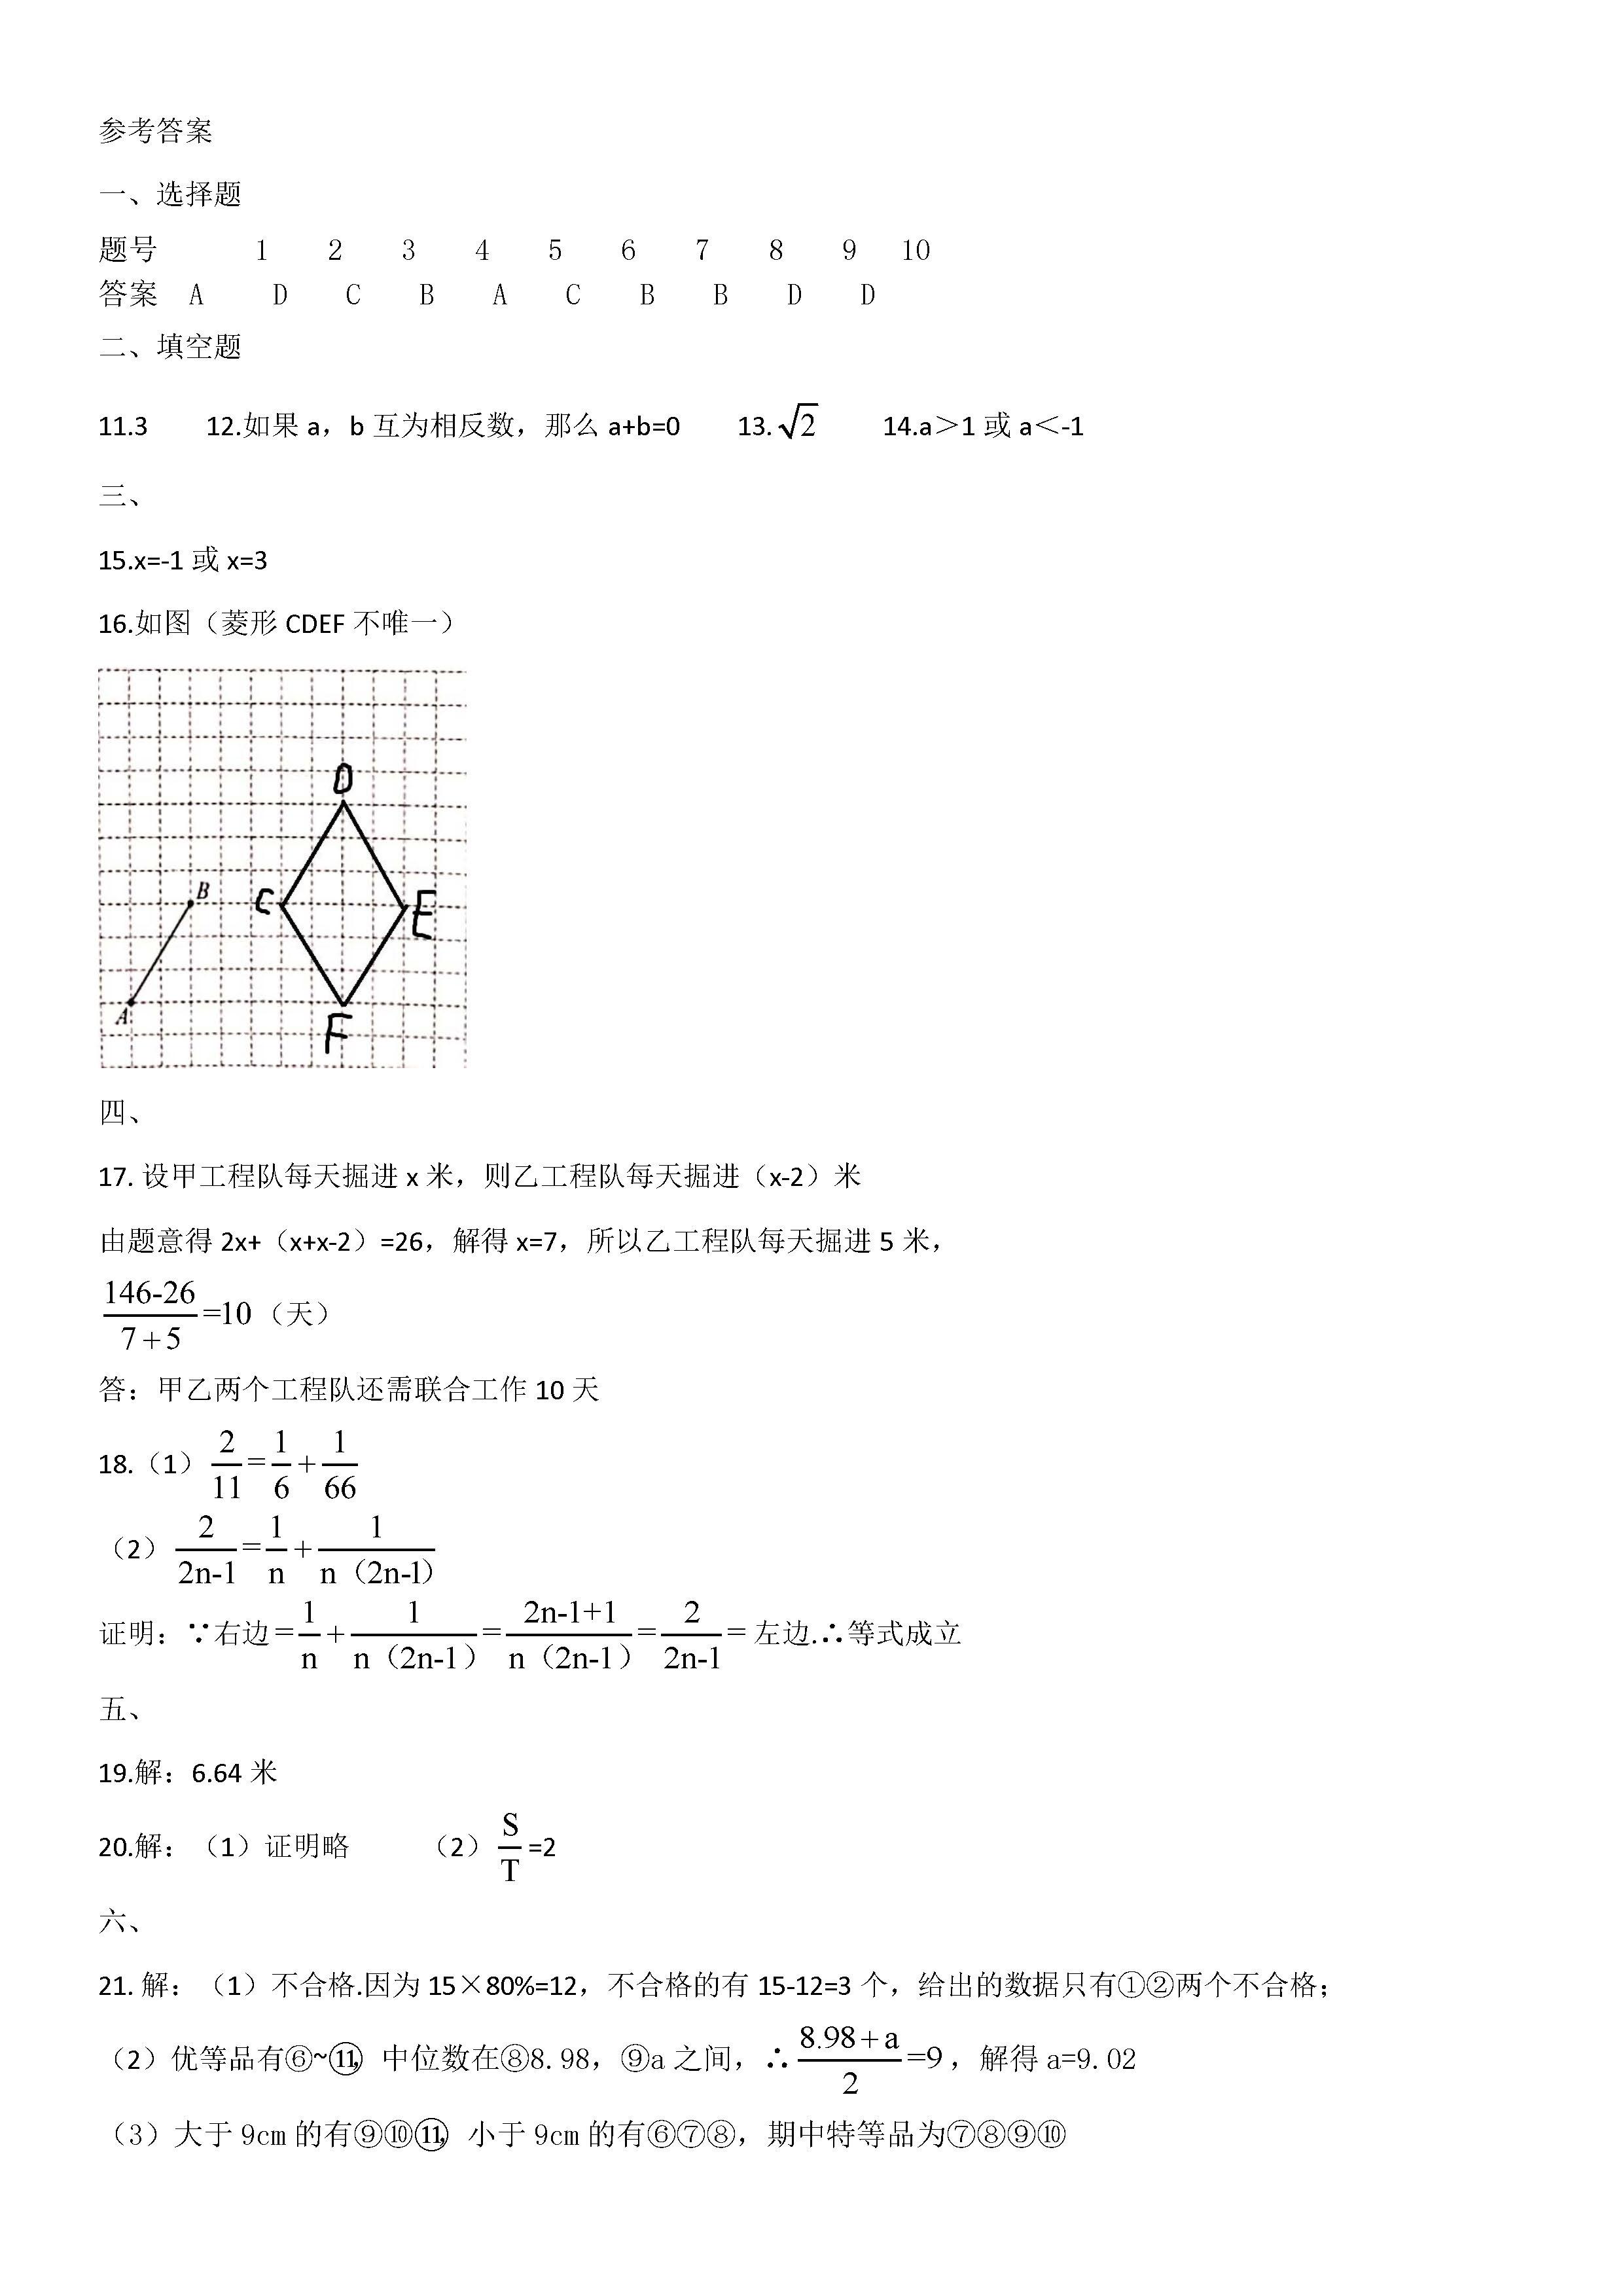 2019年安徽中考(统考)数学真题参考答案